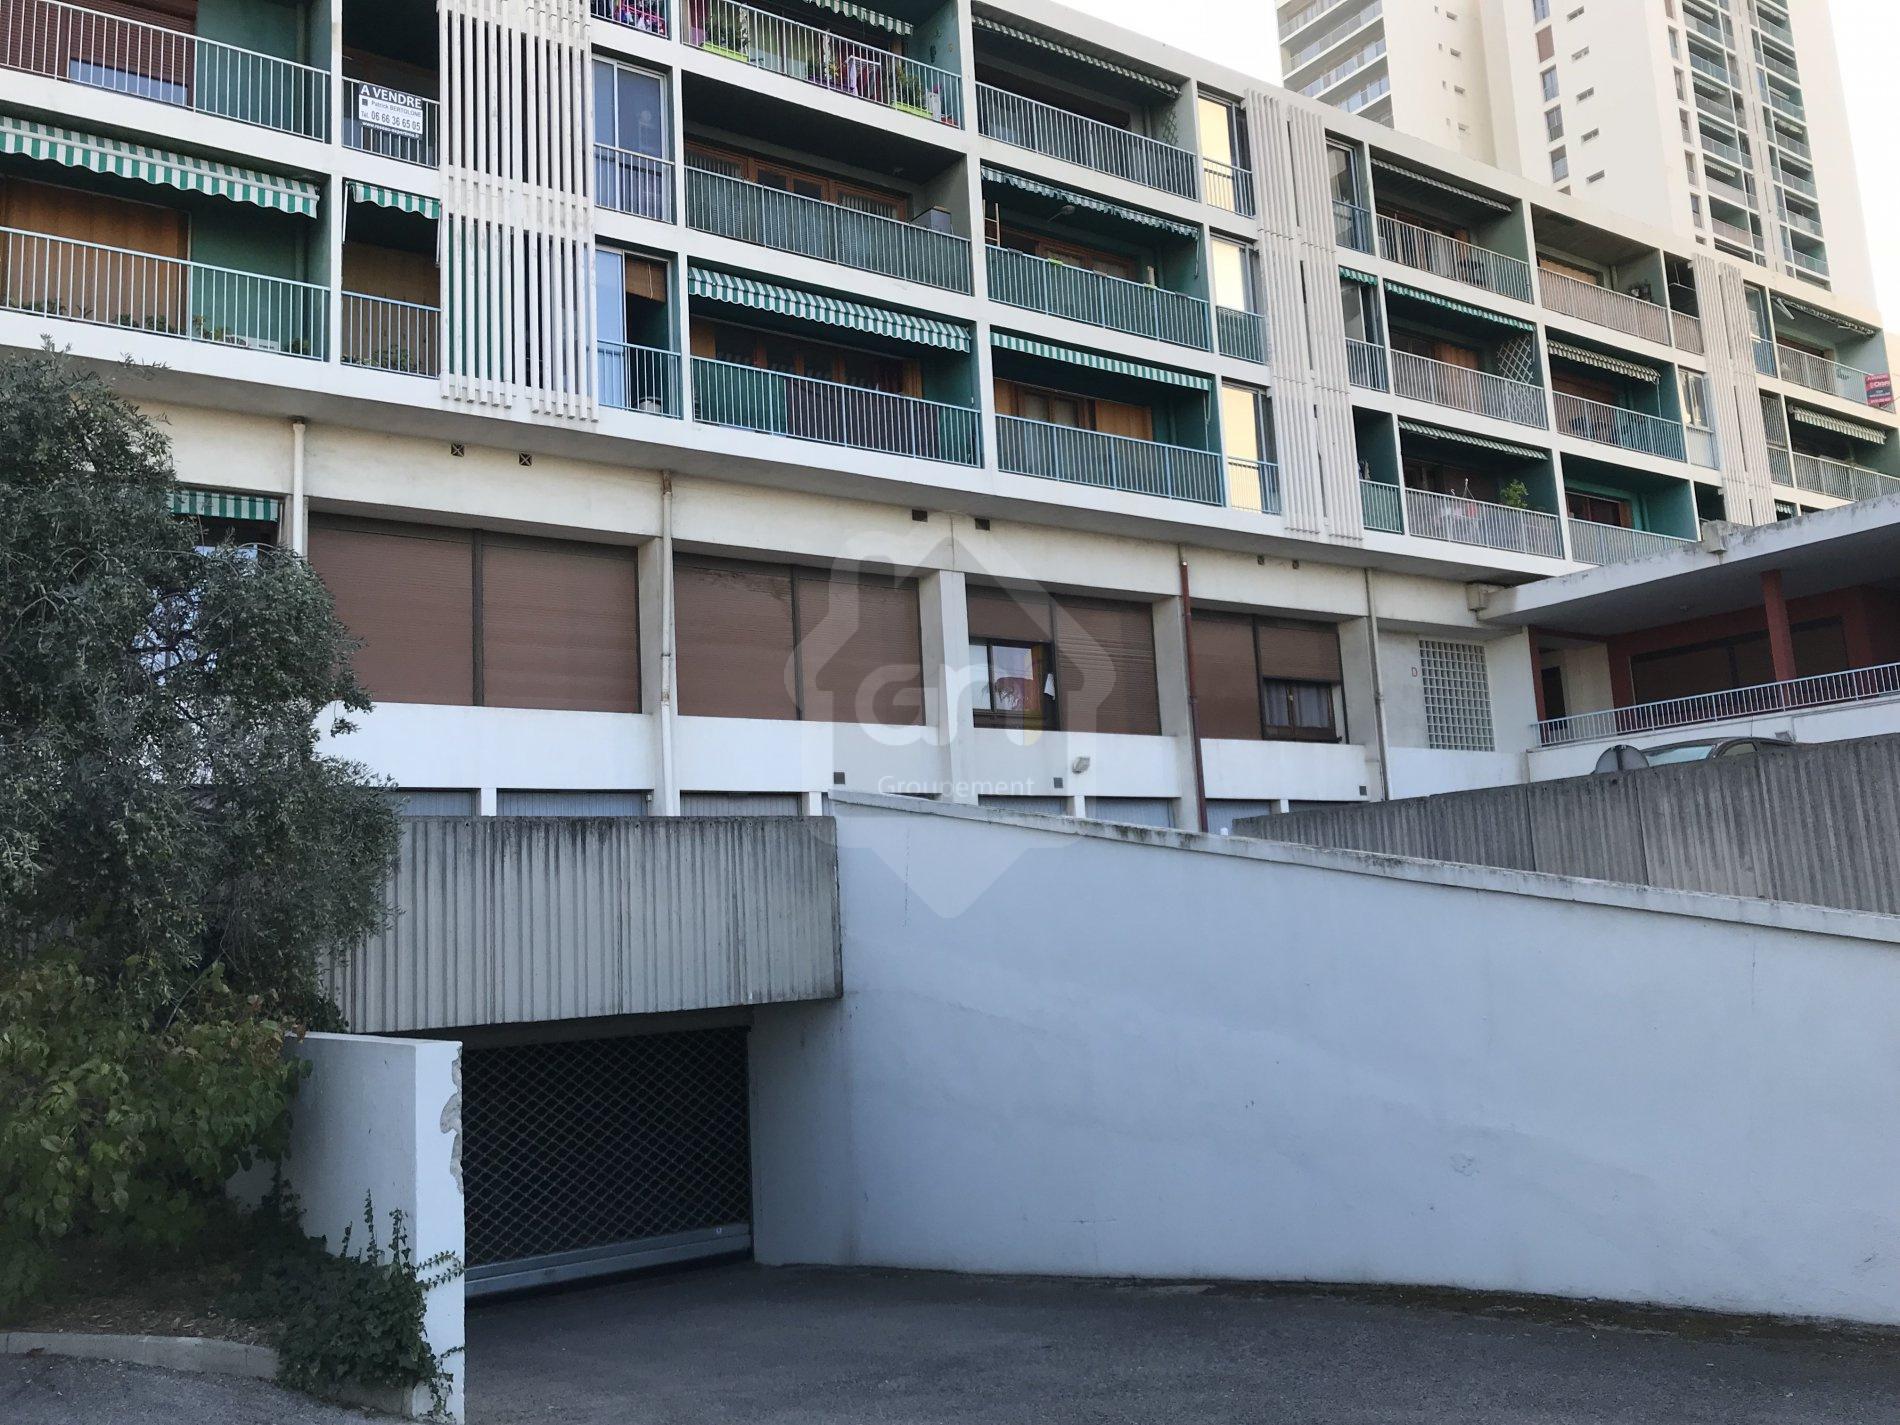 Vente garage parking marseille 12e arrondissement 13012 for Garage ouvert le samedi marseille